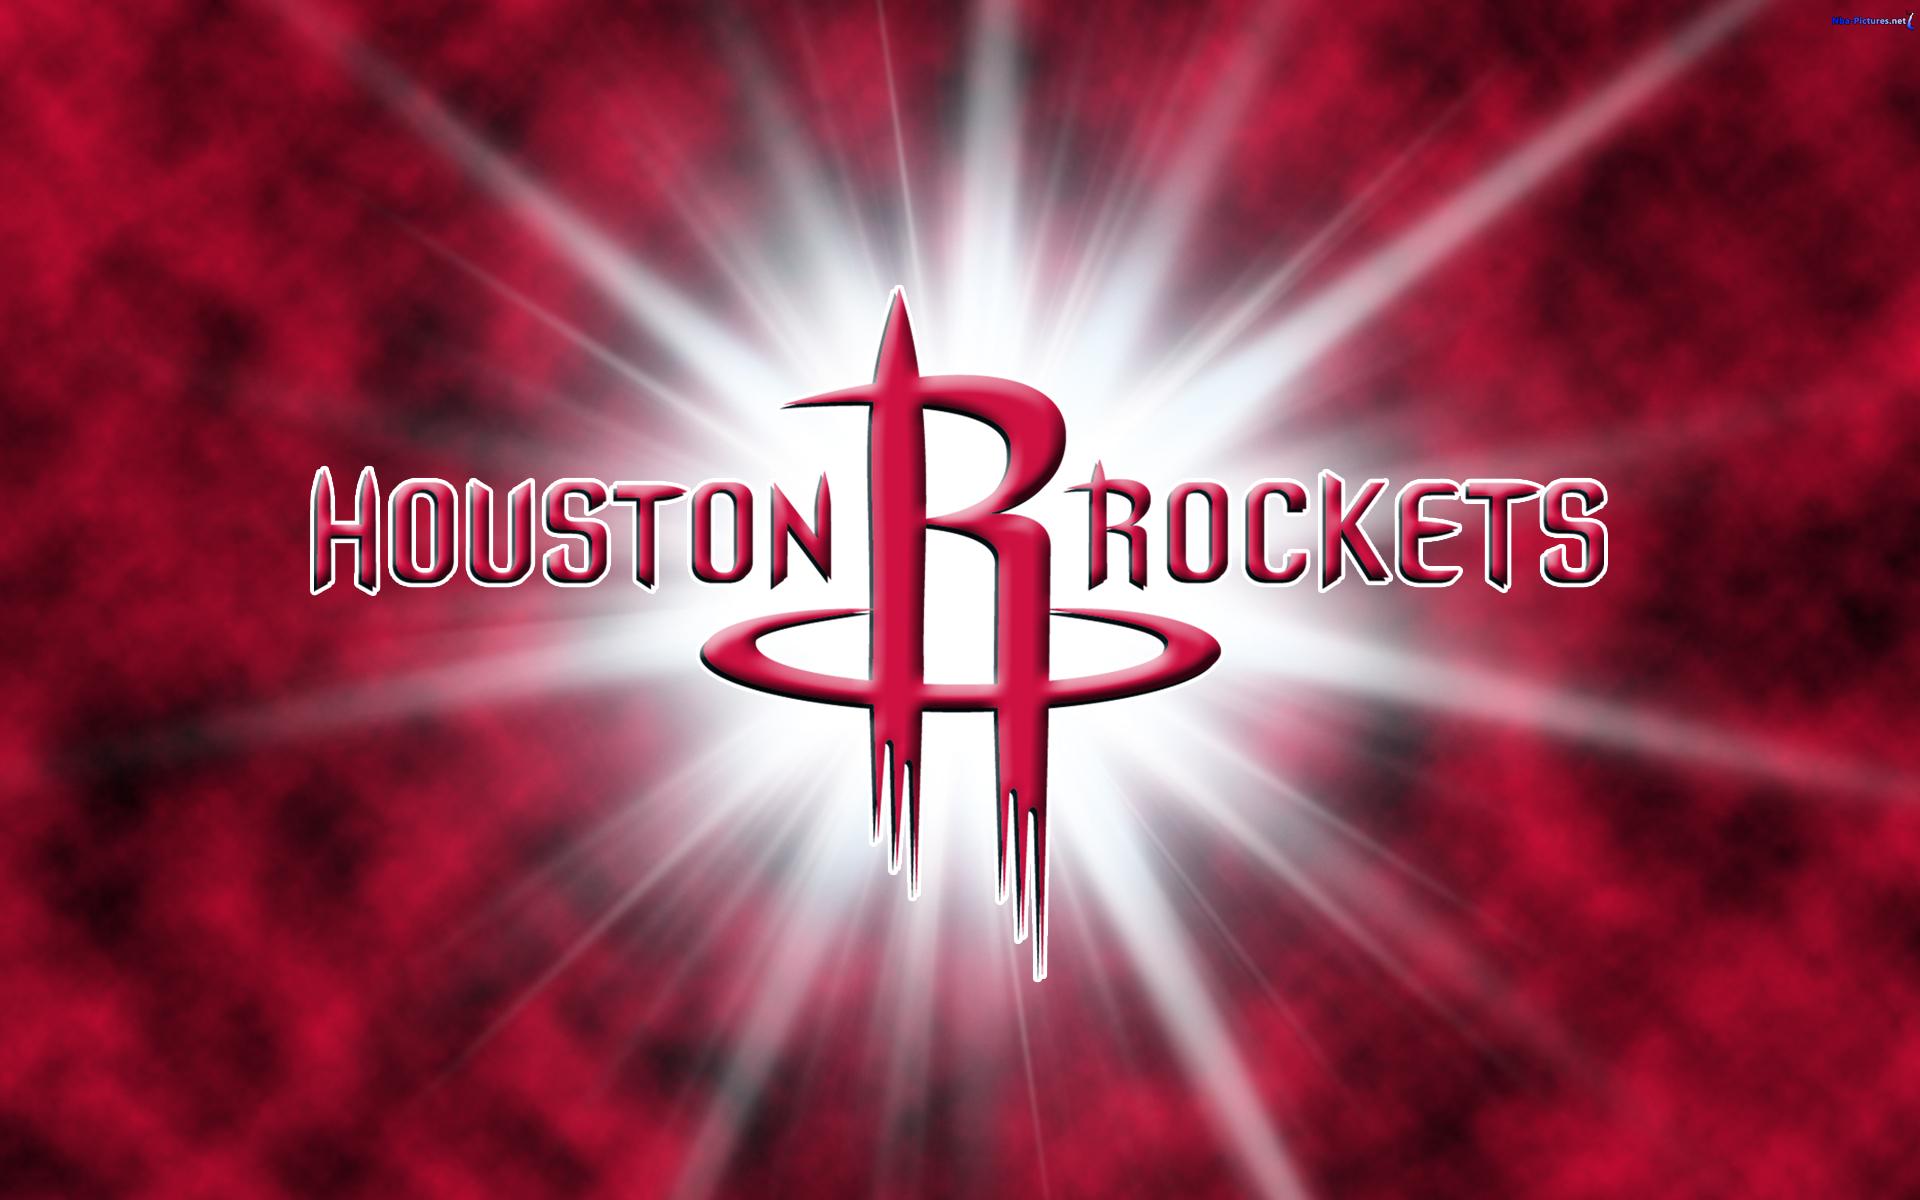 Houston Rockets Logo 3D wallpapers HD